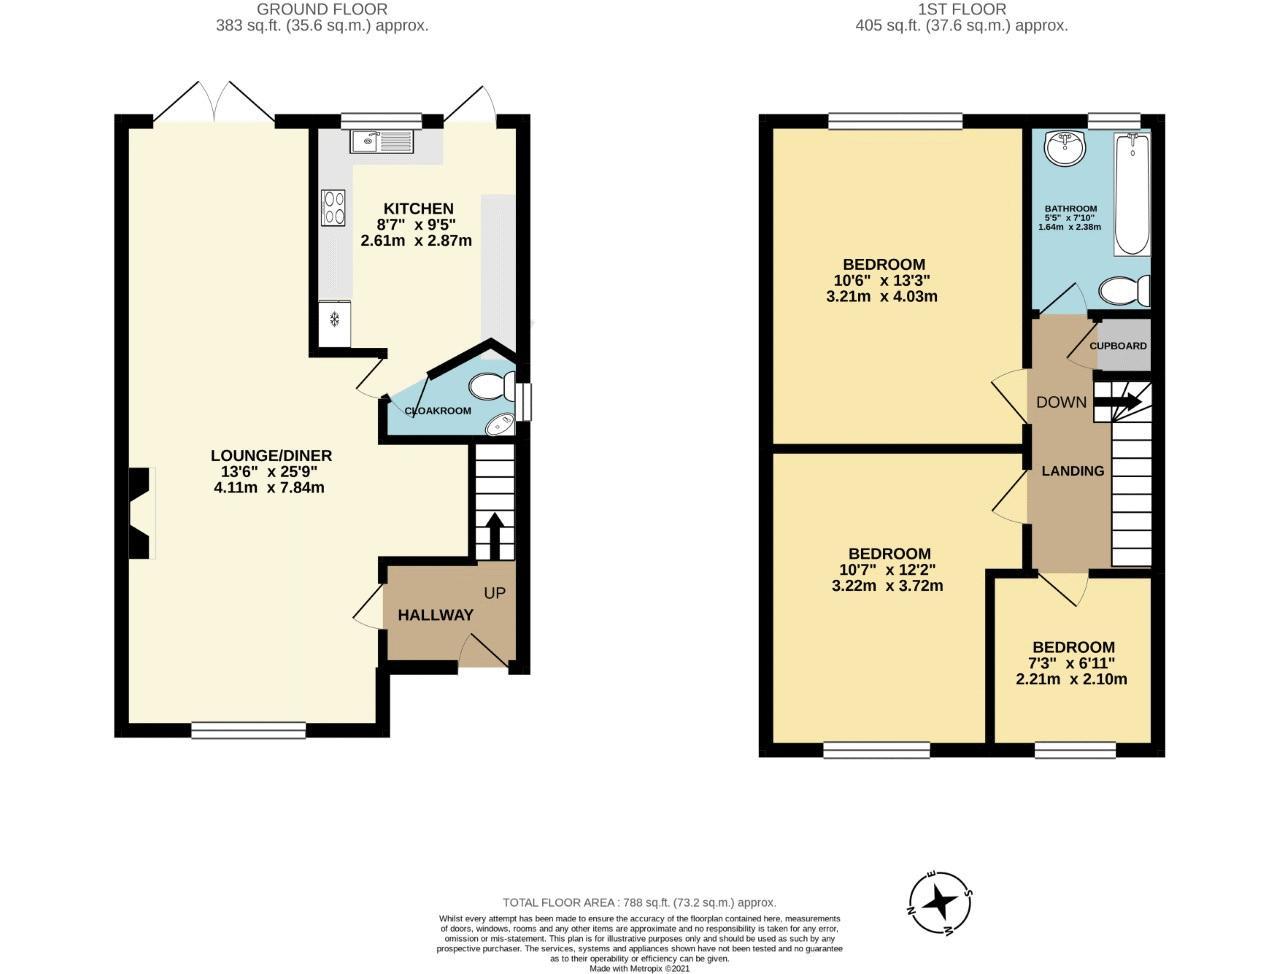 3 bedroom semi detached house SSTC in Sutton - floorplan 13.